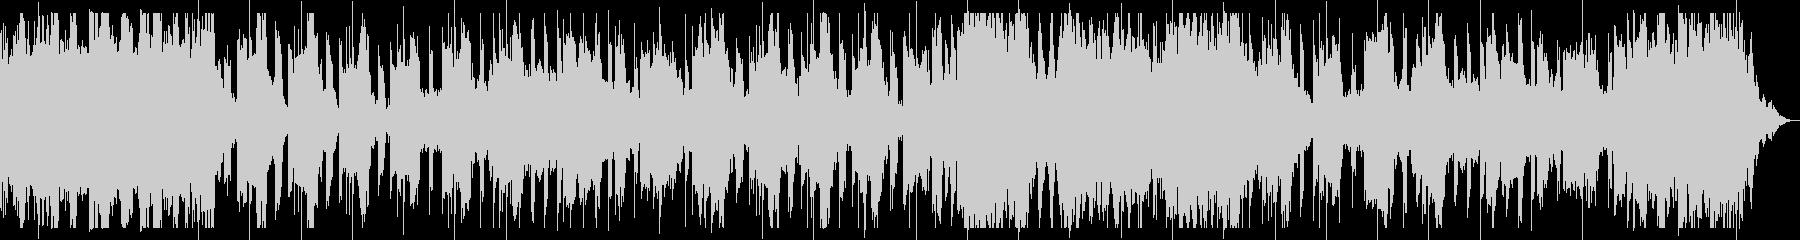 ダークでミステリアスなベース主体のBGMの未再生の波形